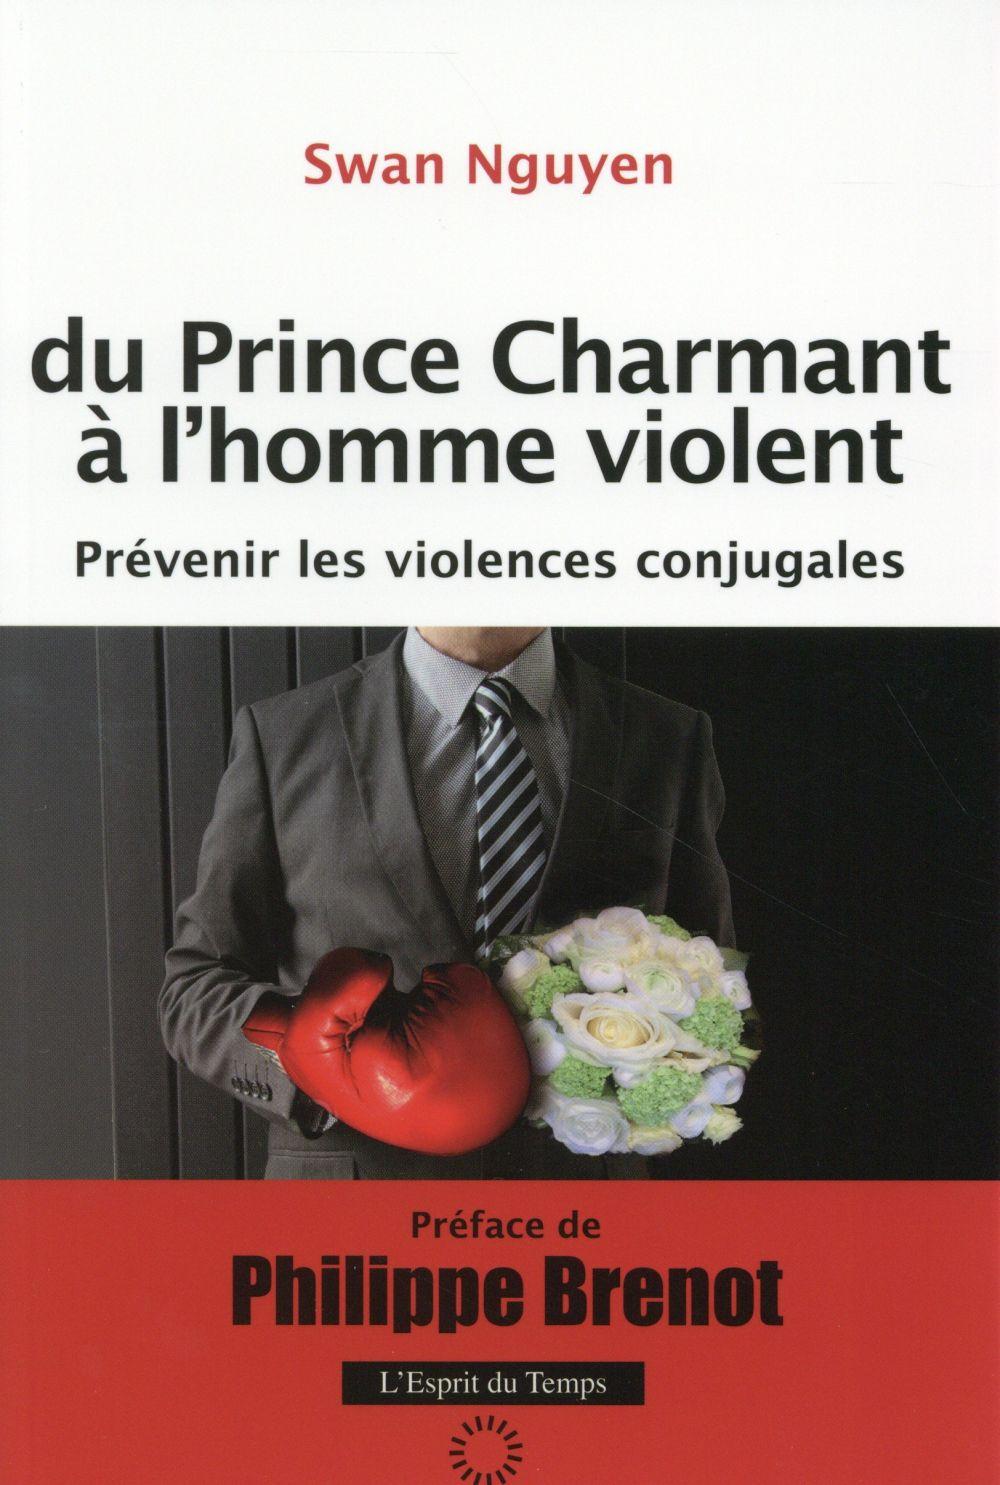 DU PRINCE CHARMANT A L'HOMME VIOLENT - PREVENIR LES VIOLENCES CONJUGALES.